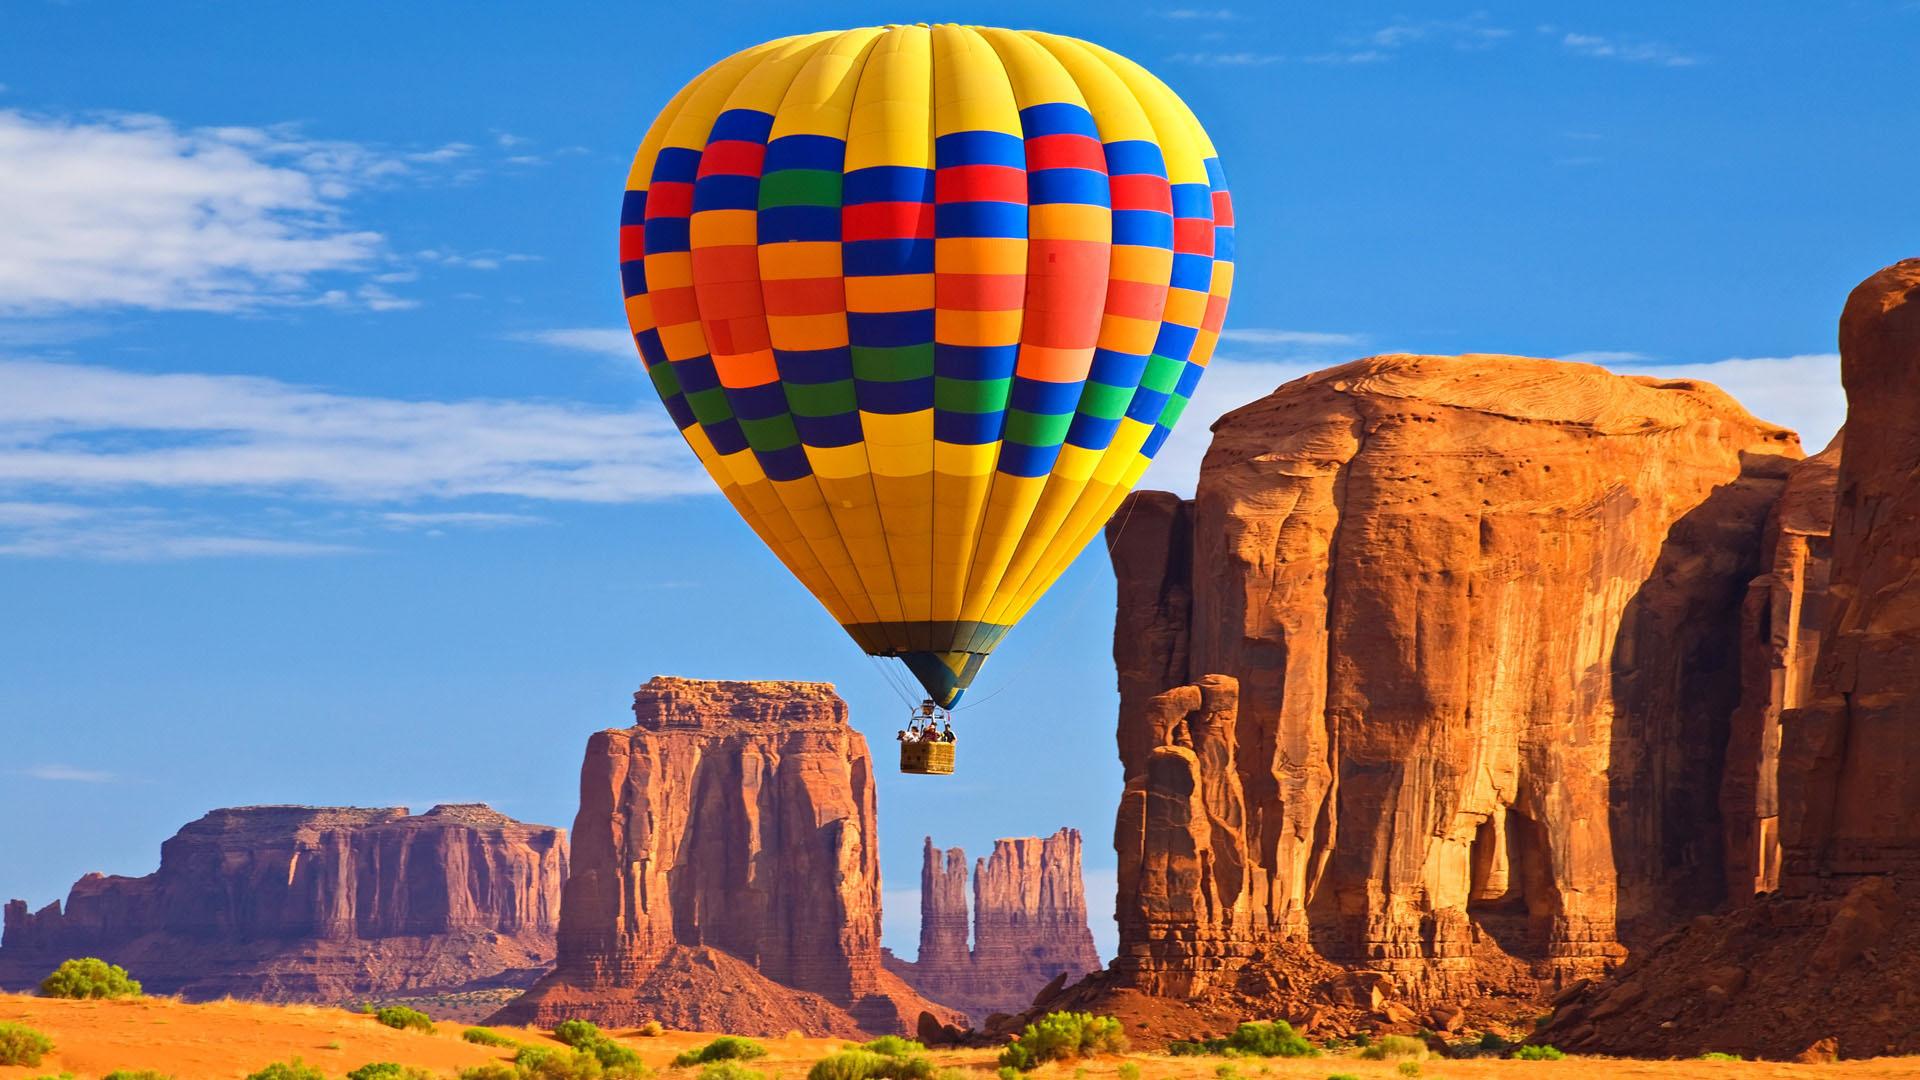 hot air balloon wallpaper 48996